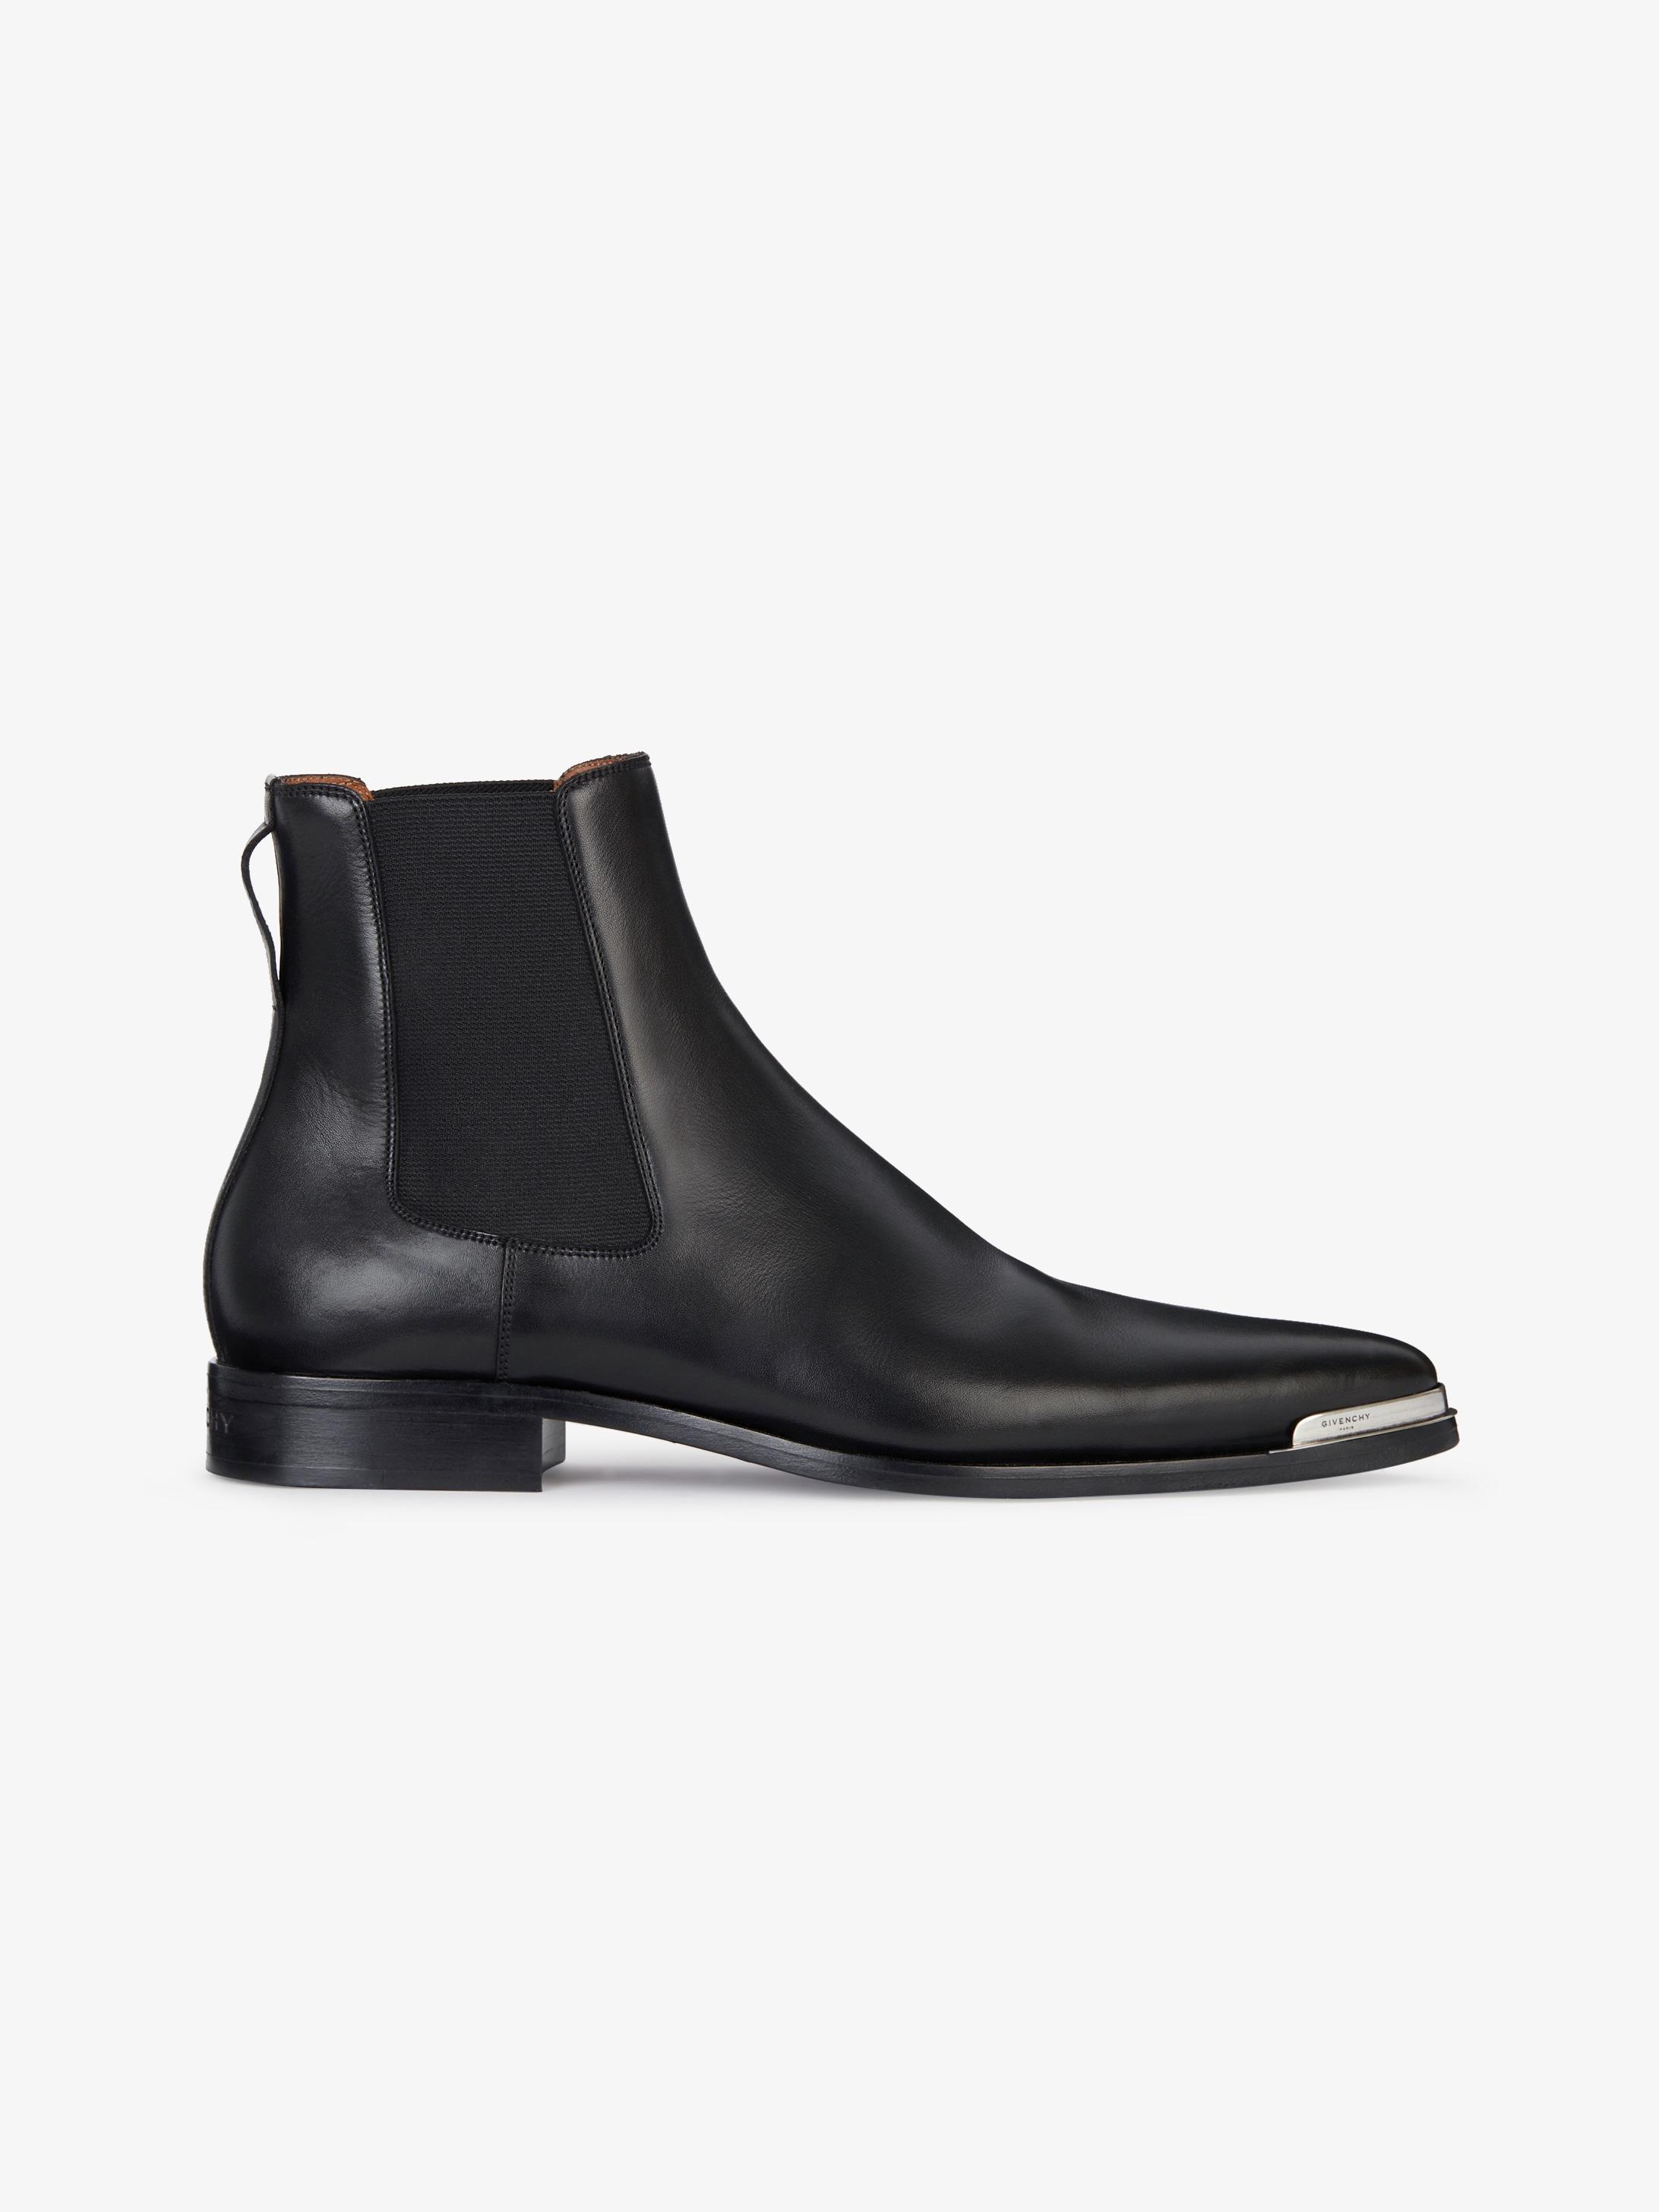 金属鞋尖Dallas皮革切尔西靴